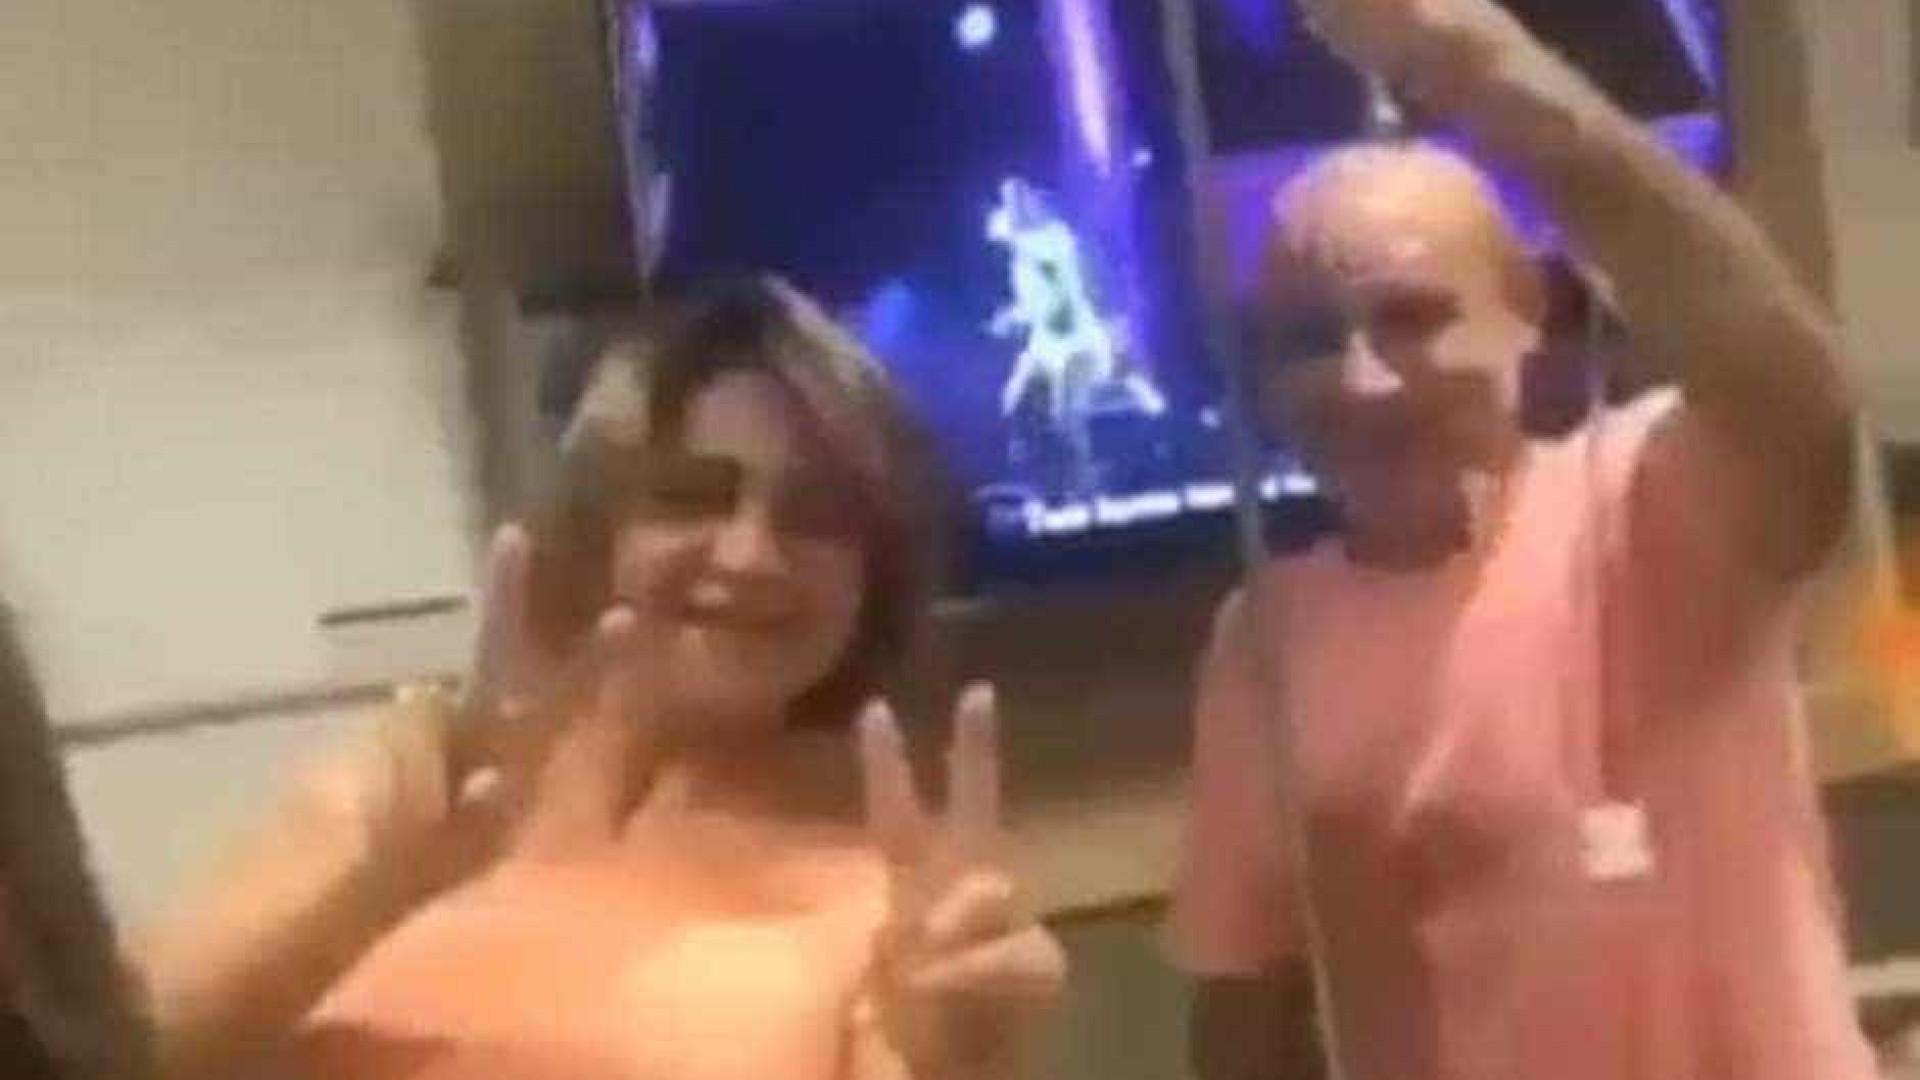 Vídeo de Queiroz foi 'momento de descontração', diz defesa